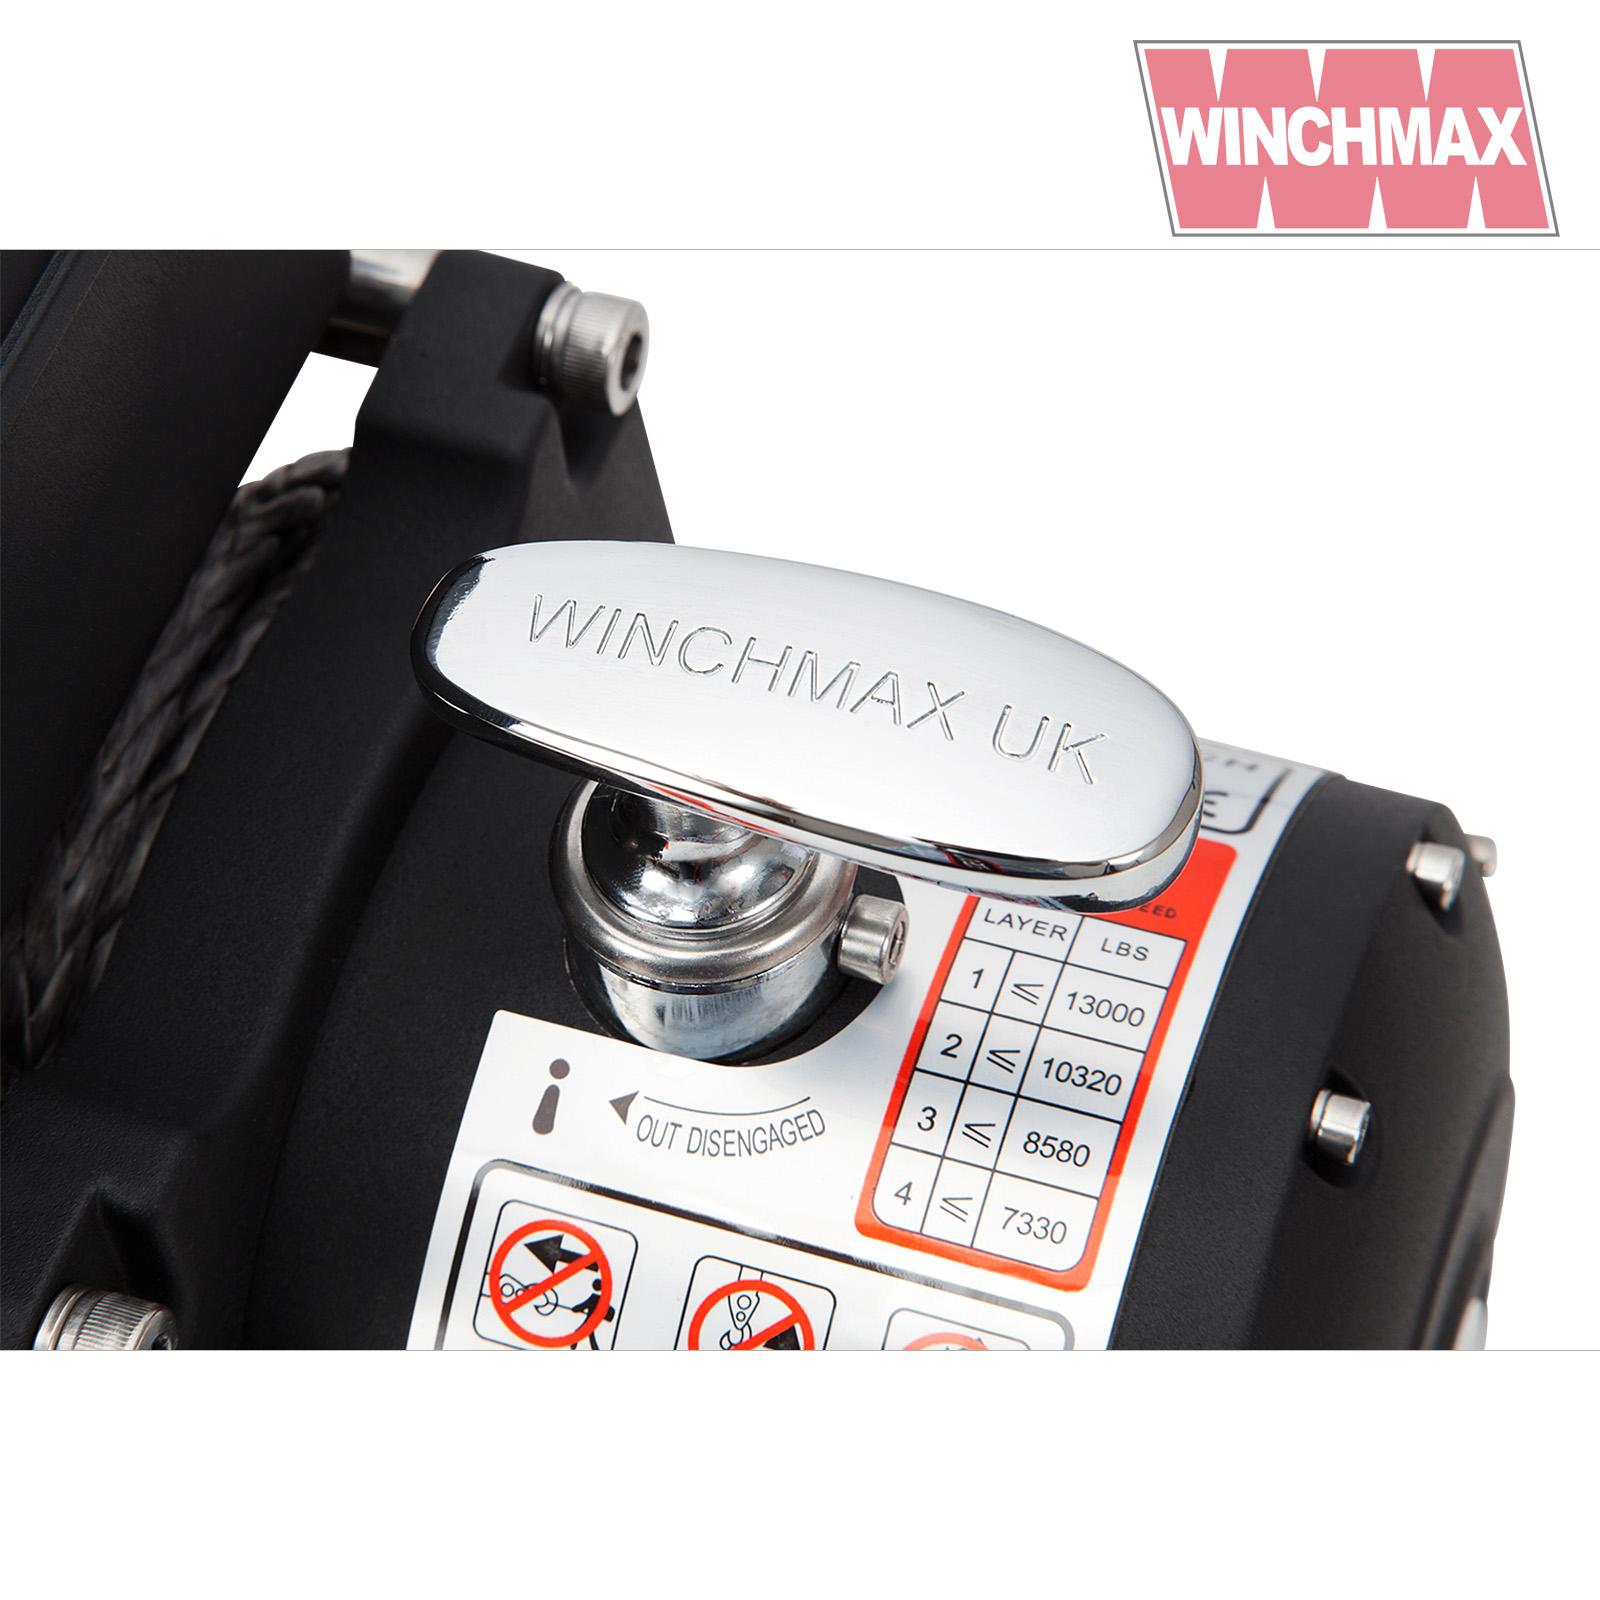 Wm1300012vmilsyn winchmax 046